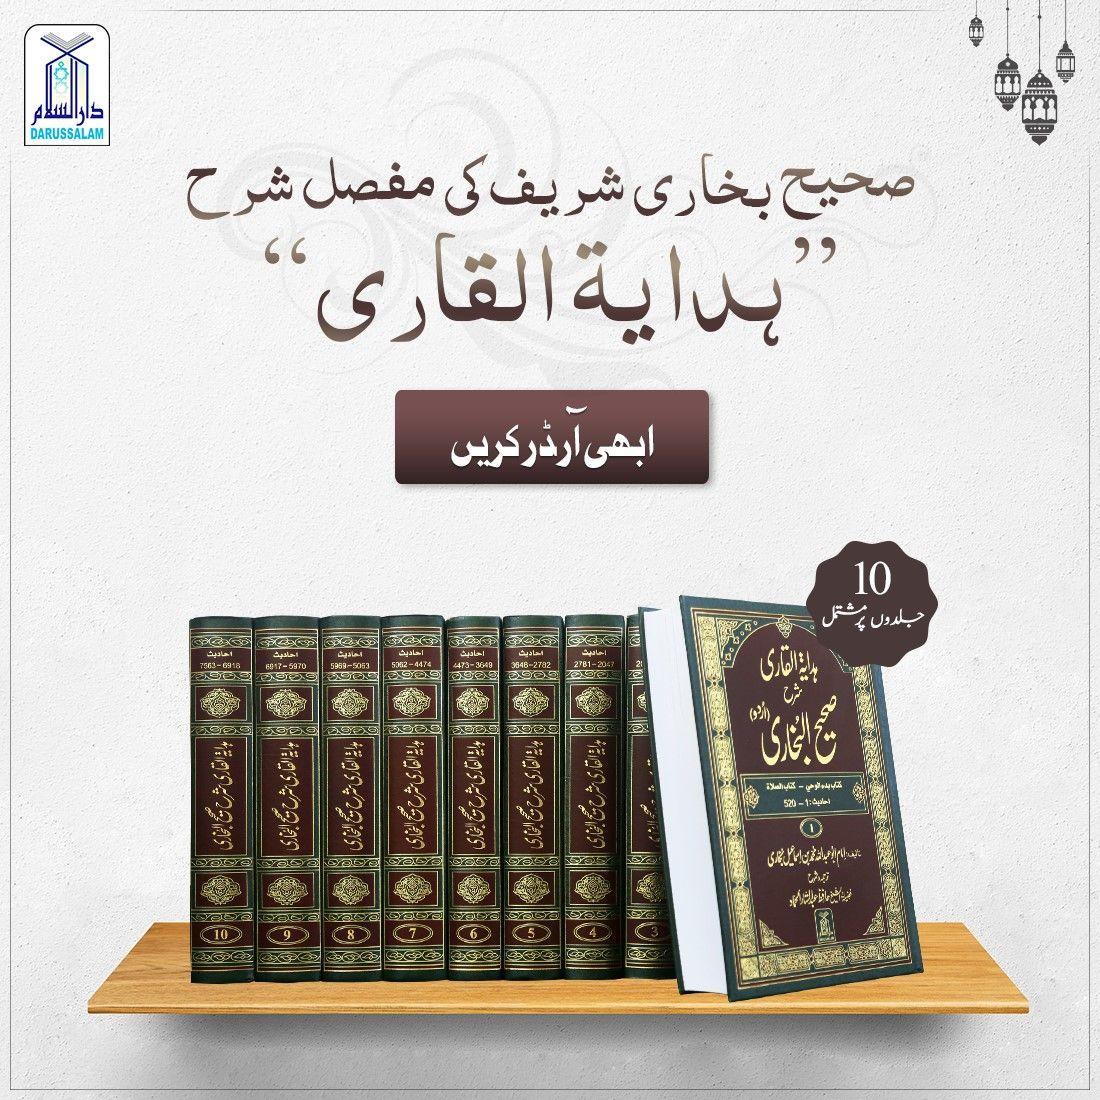 ہدایة القاری شرح صحیح البخاری اردو دارالسلام نے دین کی خدمت کی روایت کو برقرار رکھتے ہوئے حدیث کی سب سے معتبر Books Free Download Pdf Online Bookstore Books